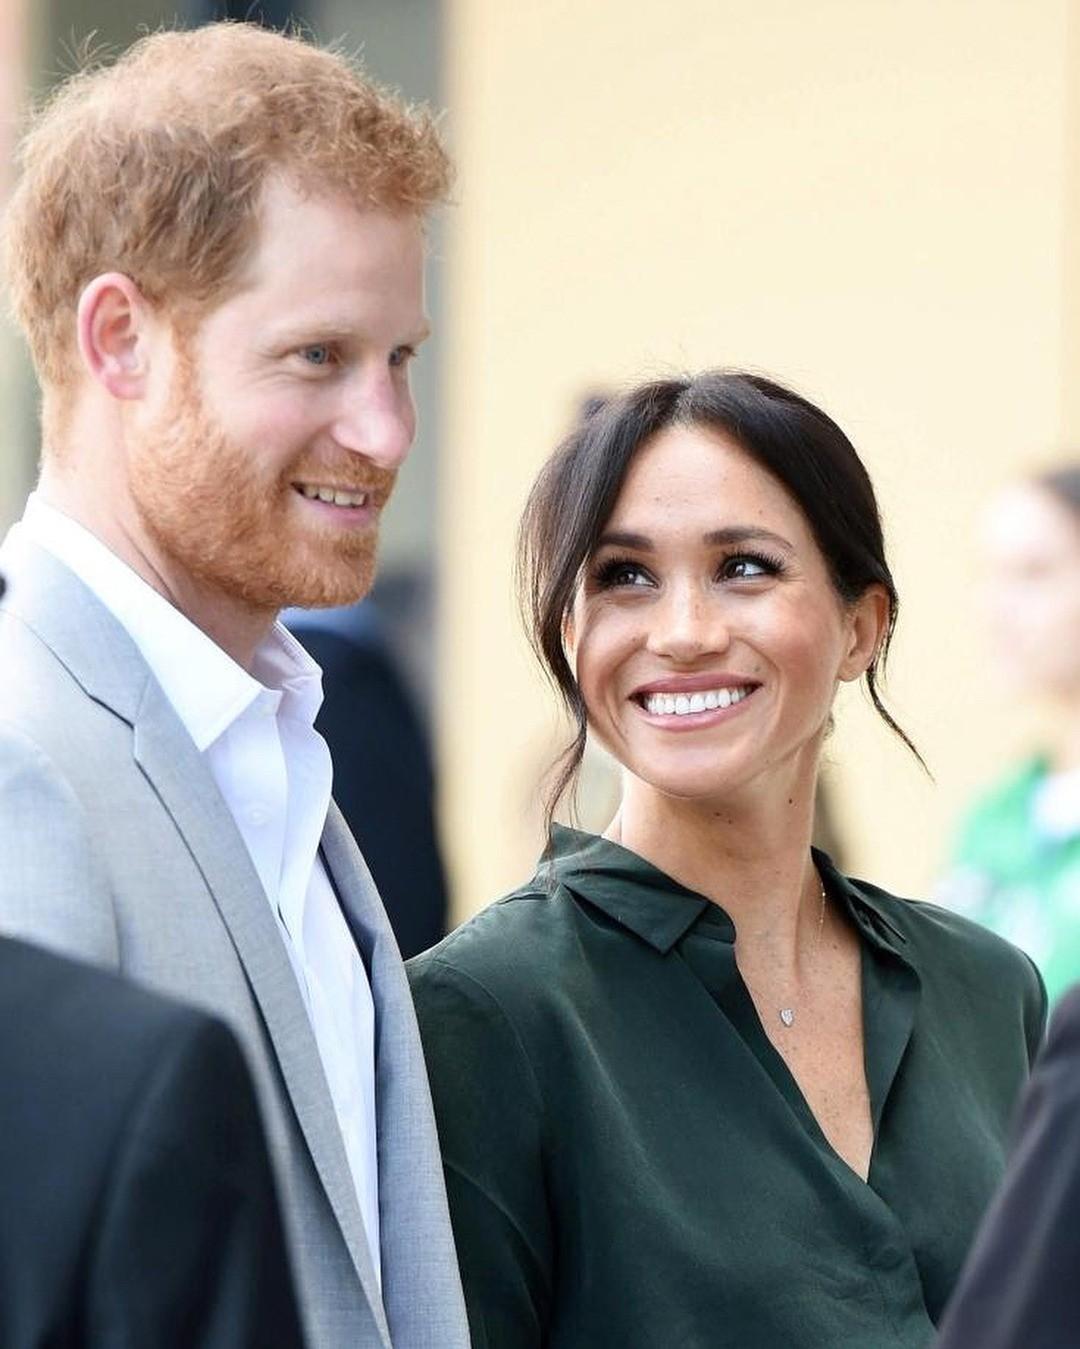 В истории королевской семьи было множество случаев, когда члены королевской семьи отказывались от права на трон ради брака с простолюдином. Например, король Эдвард VIII ради любви к разве...